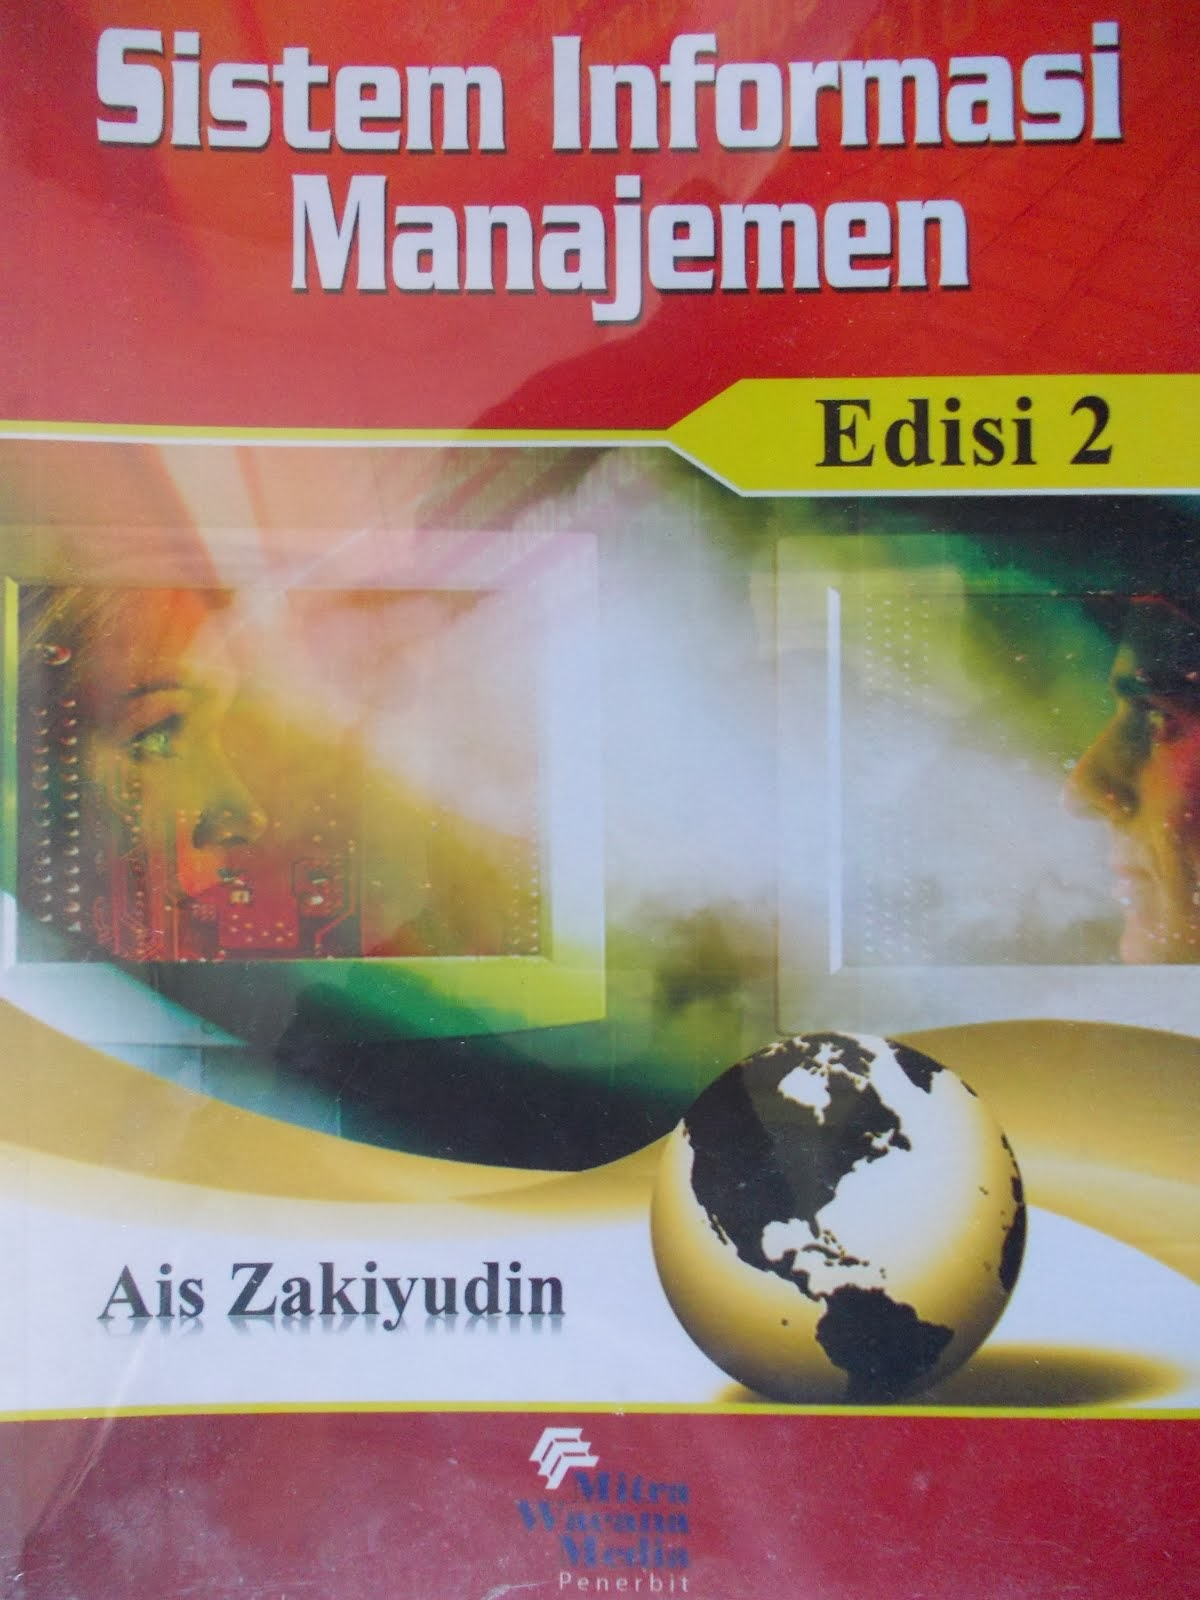 Buku: Sistem Informasi Manajemen